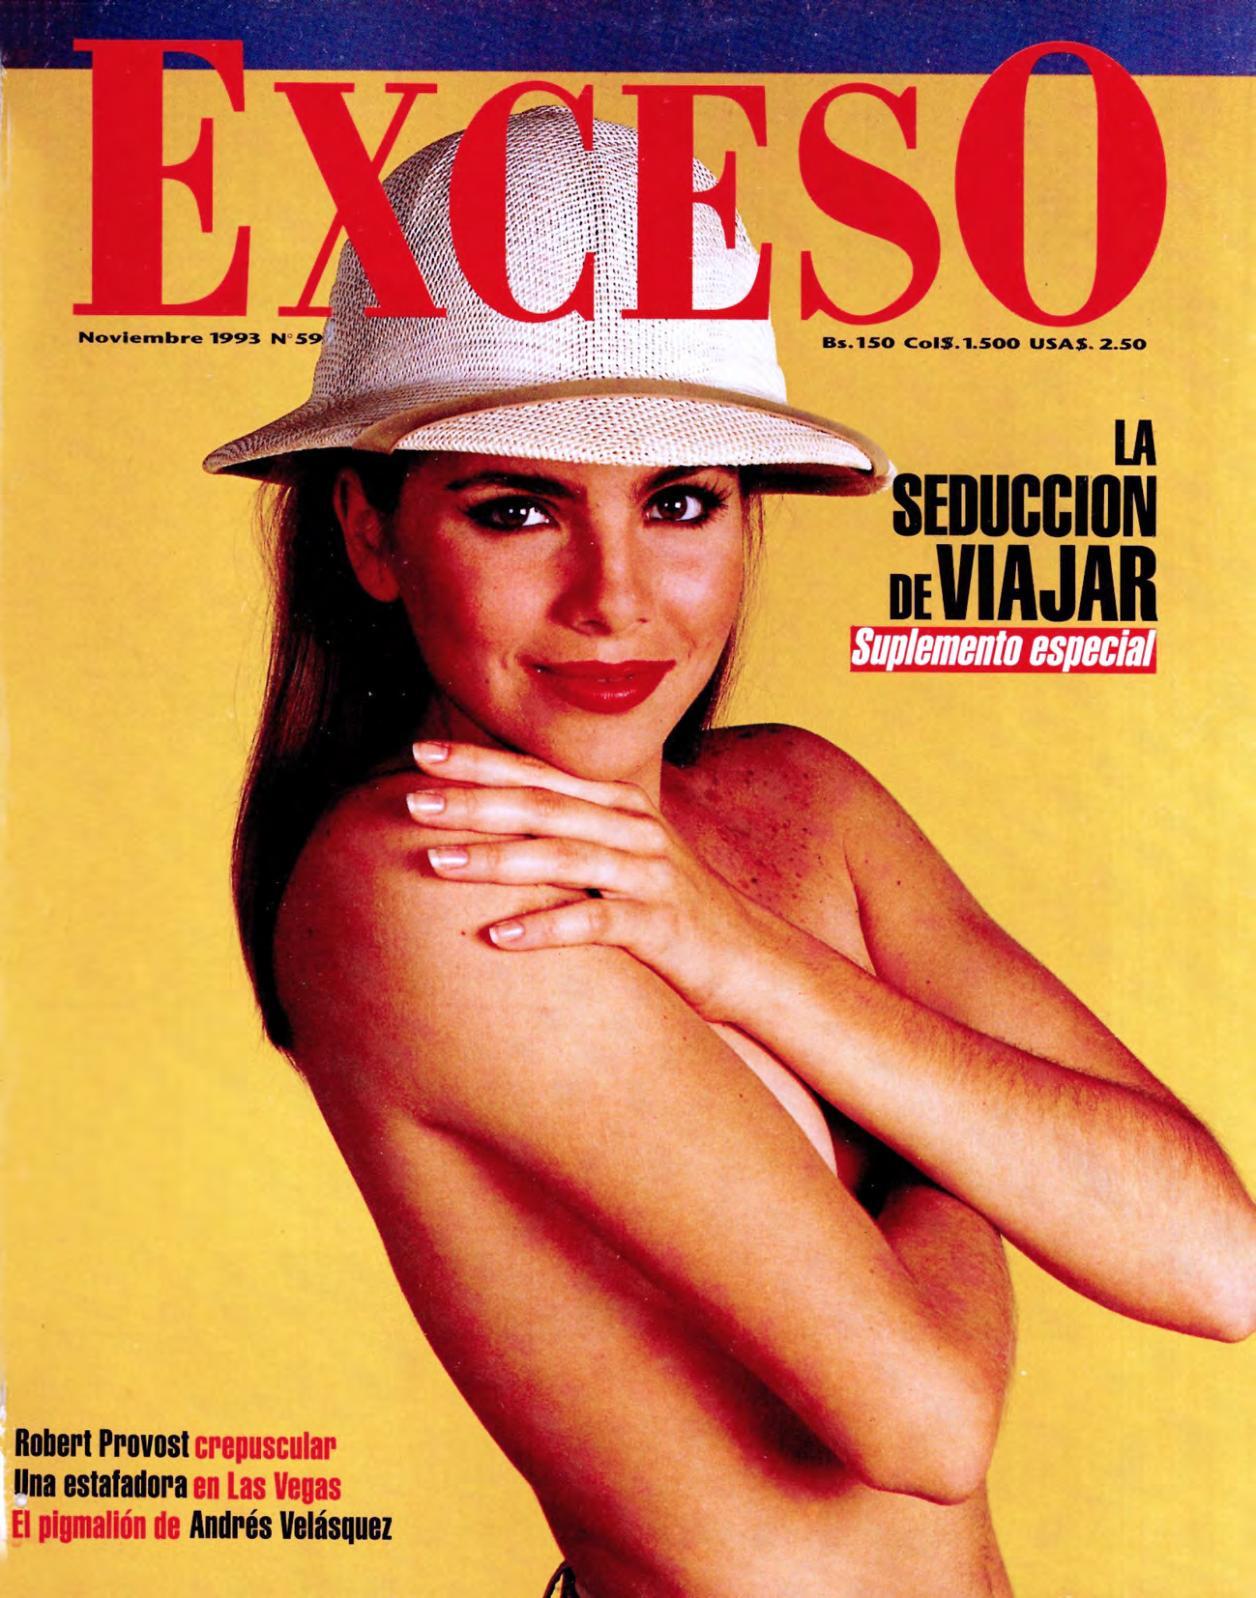 Peli Porno Fuego Lento 1993 calaméo - revista exceso edicion nº 59 noviembre 1993